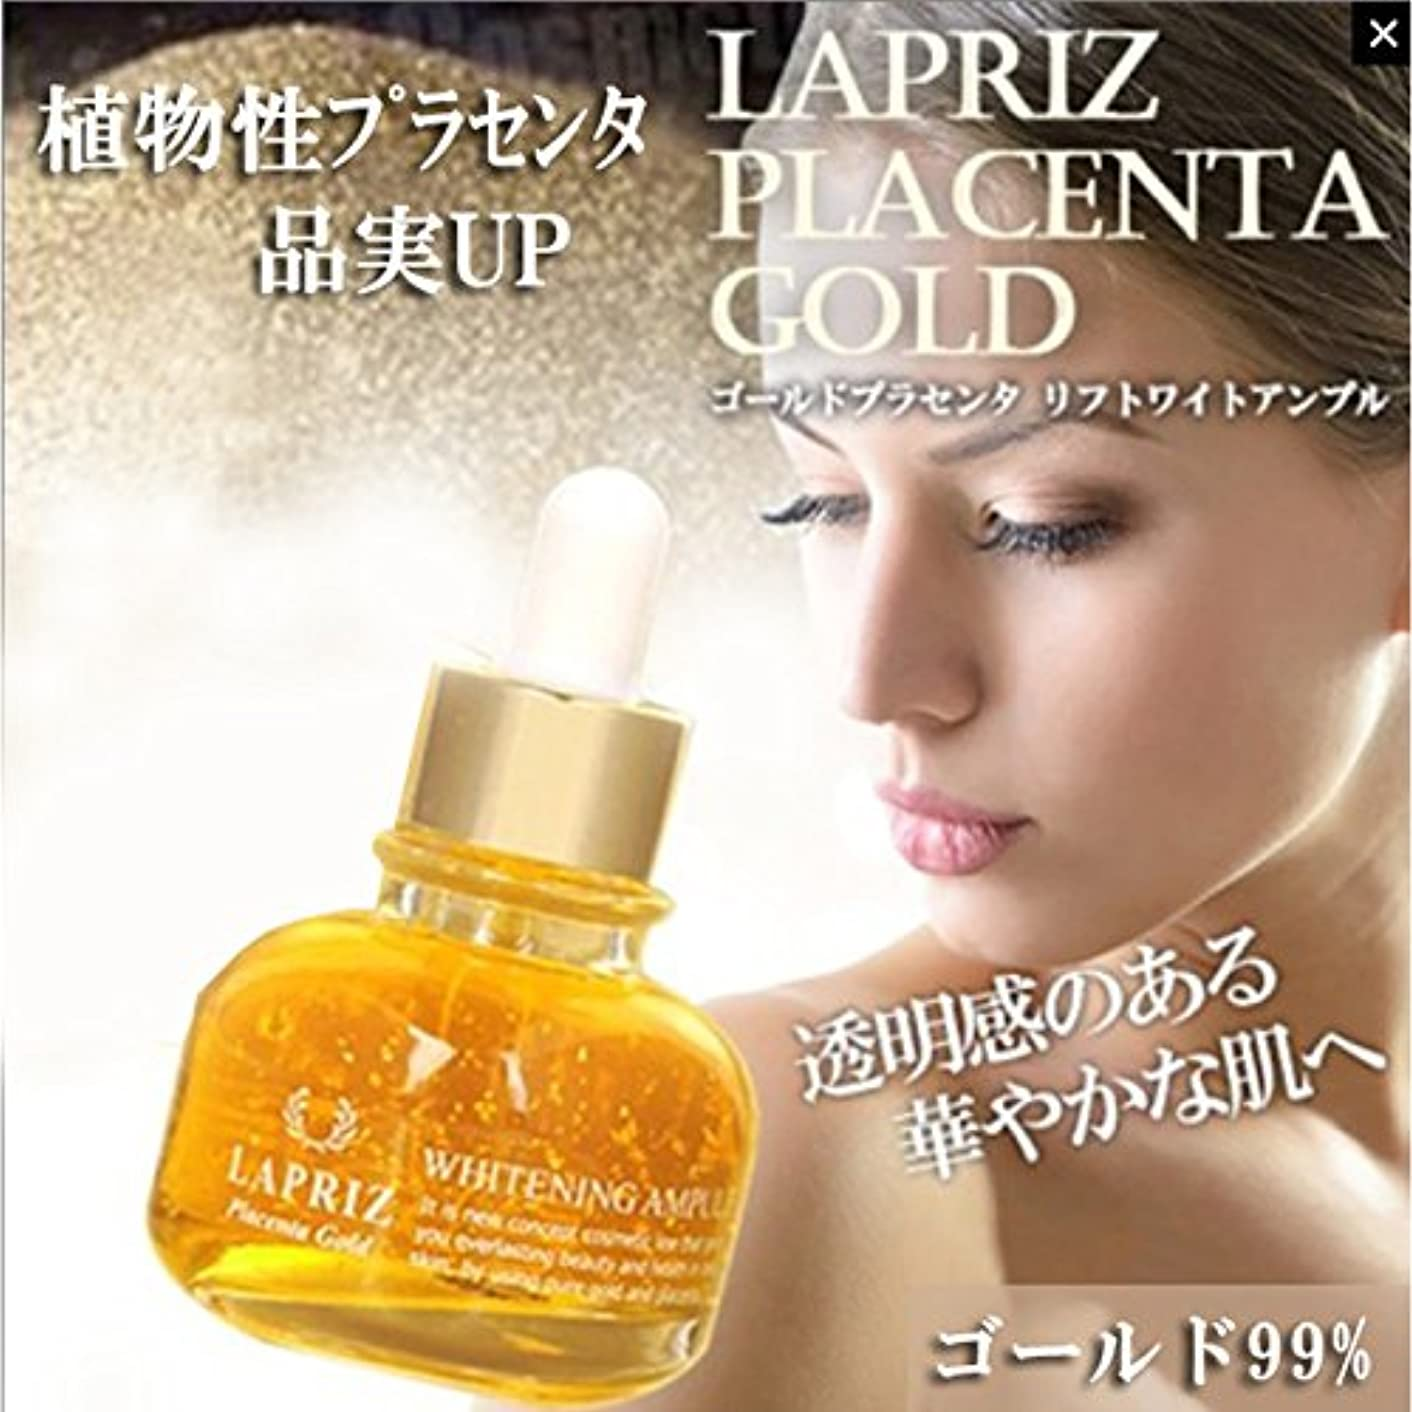 【LAPRIZ/ラプリズ】プラセンタゴルードホワイトニングアンプル99.9% ゴールド